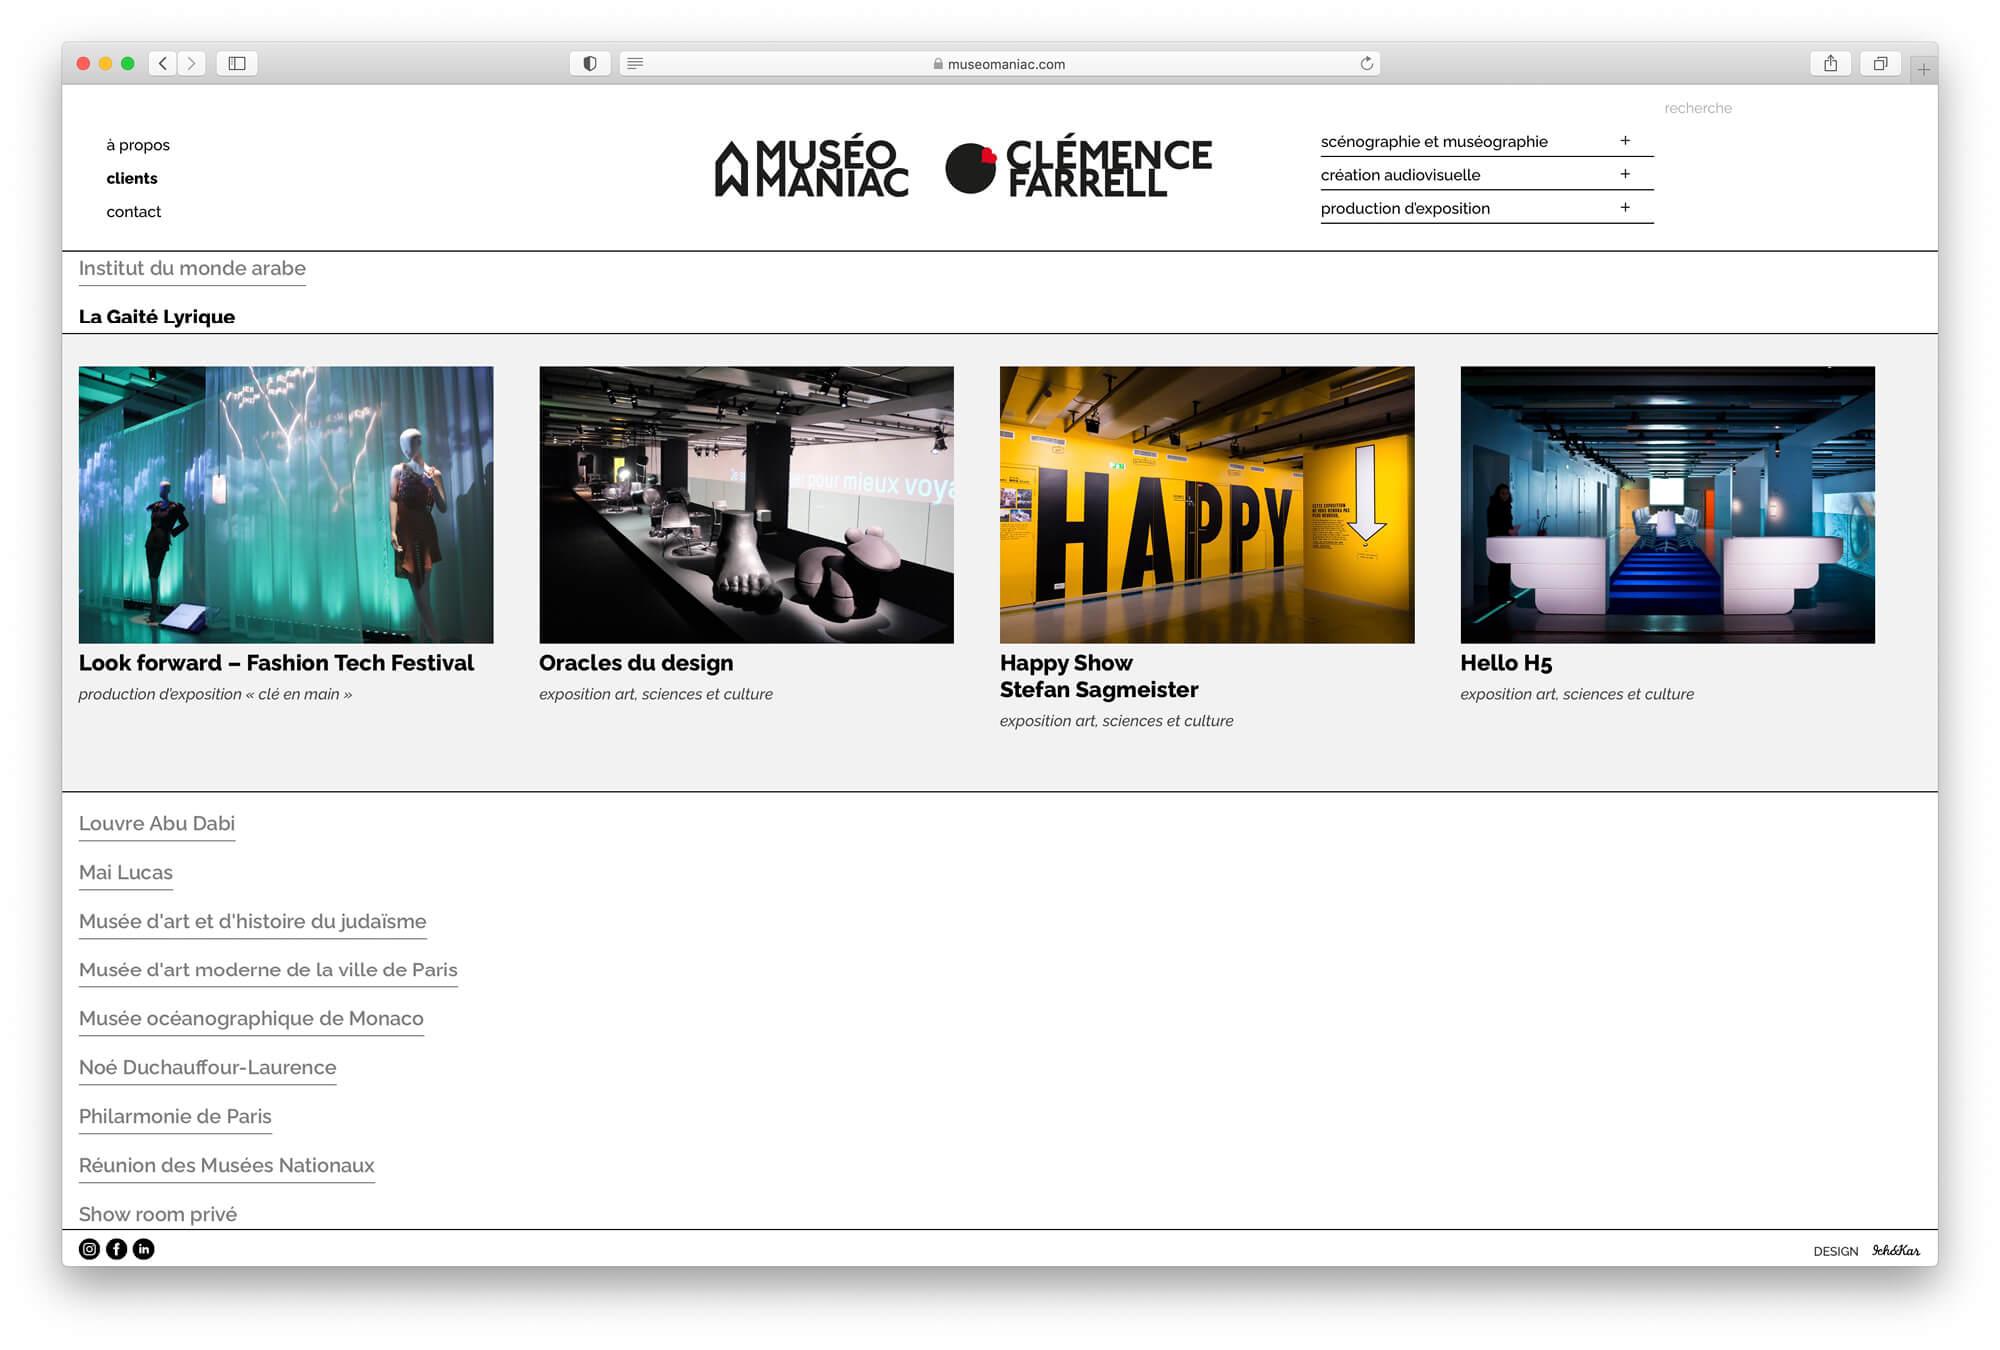 Sur la page client, le nom s'ouvre et laisse place au projet triés par clients, design ichetkar